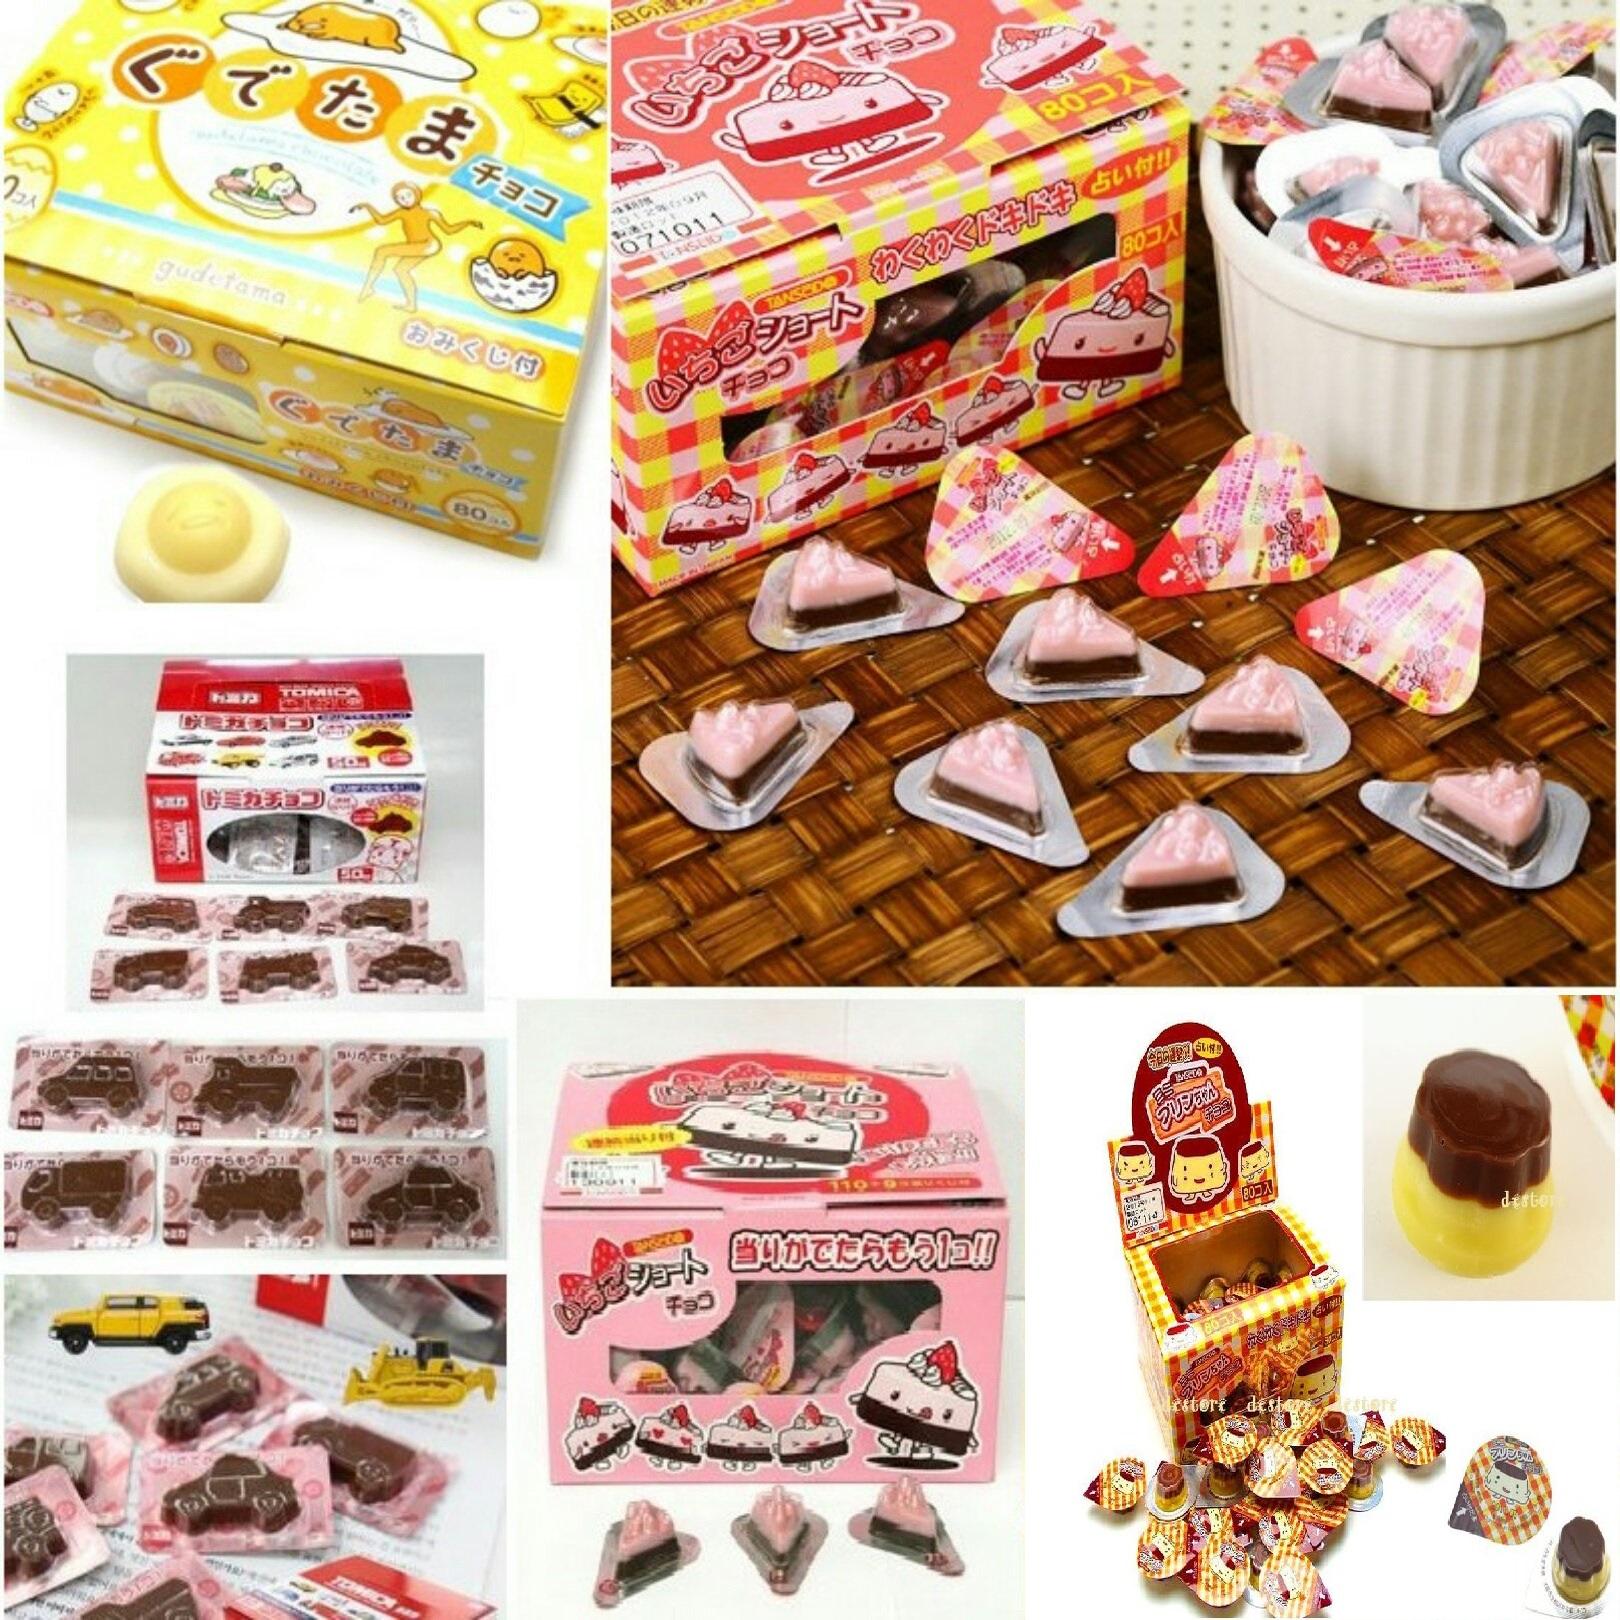 有樂町進口食品 歡慶12月 丹生堂巧克力福袋超值組